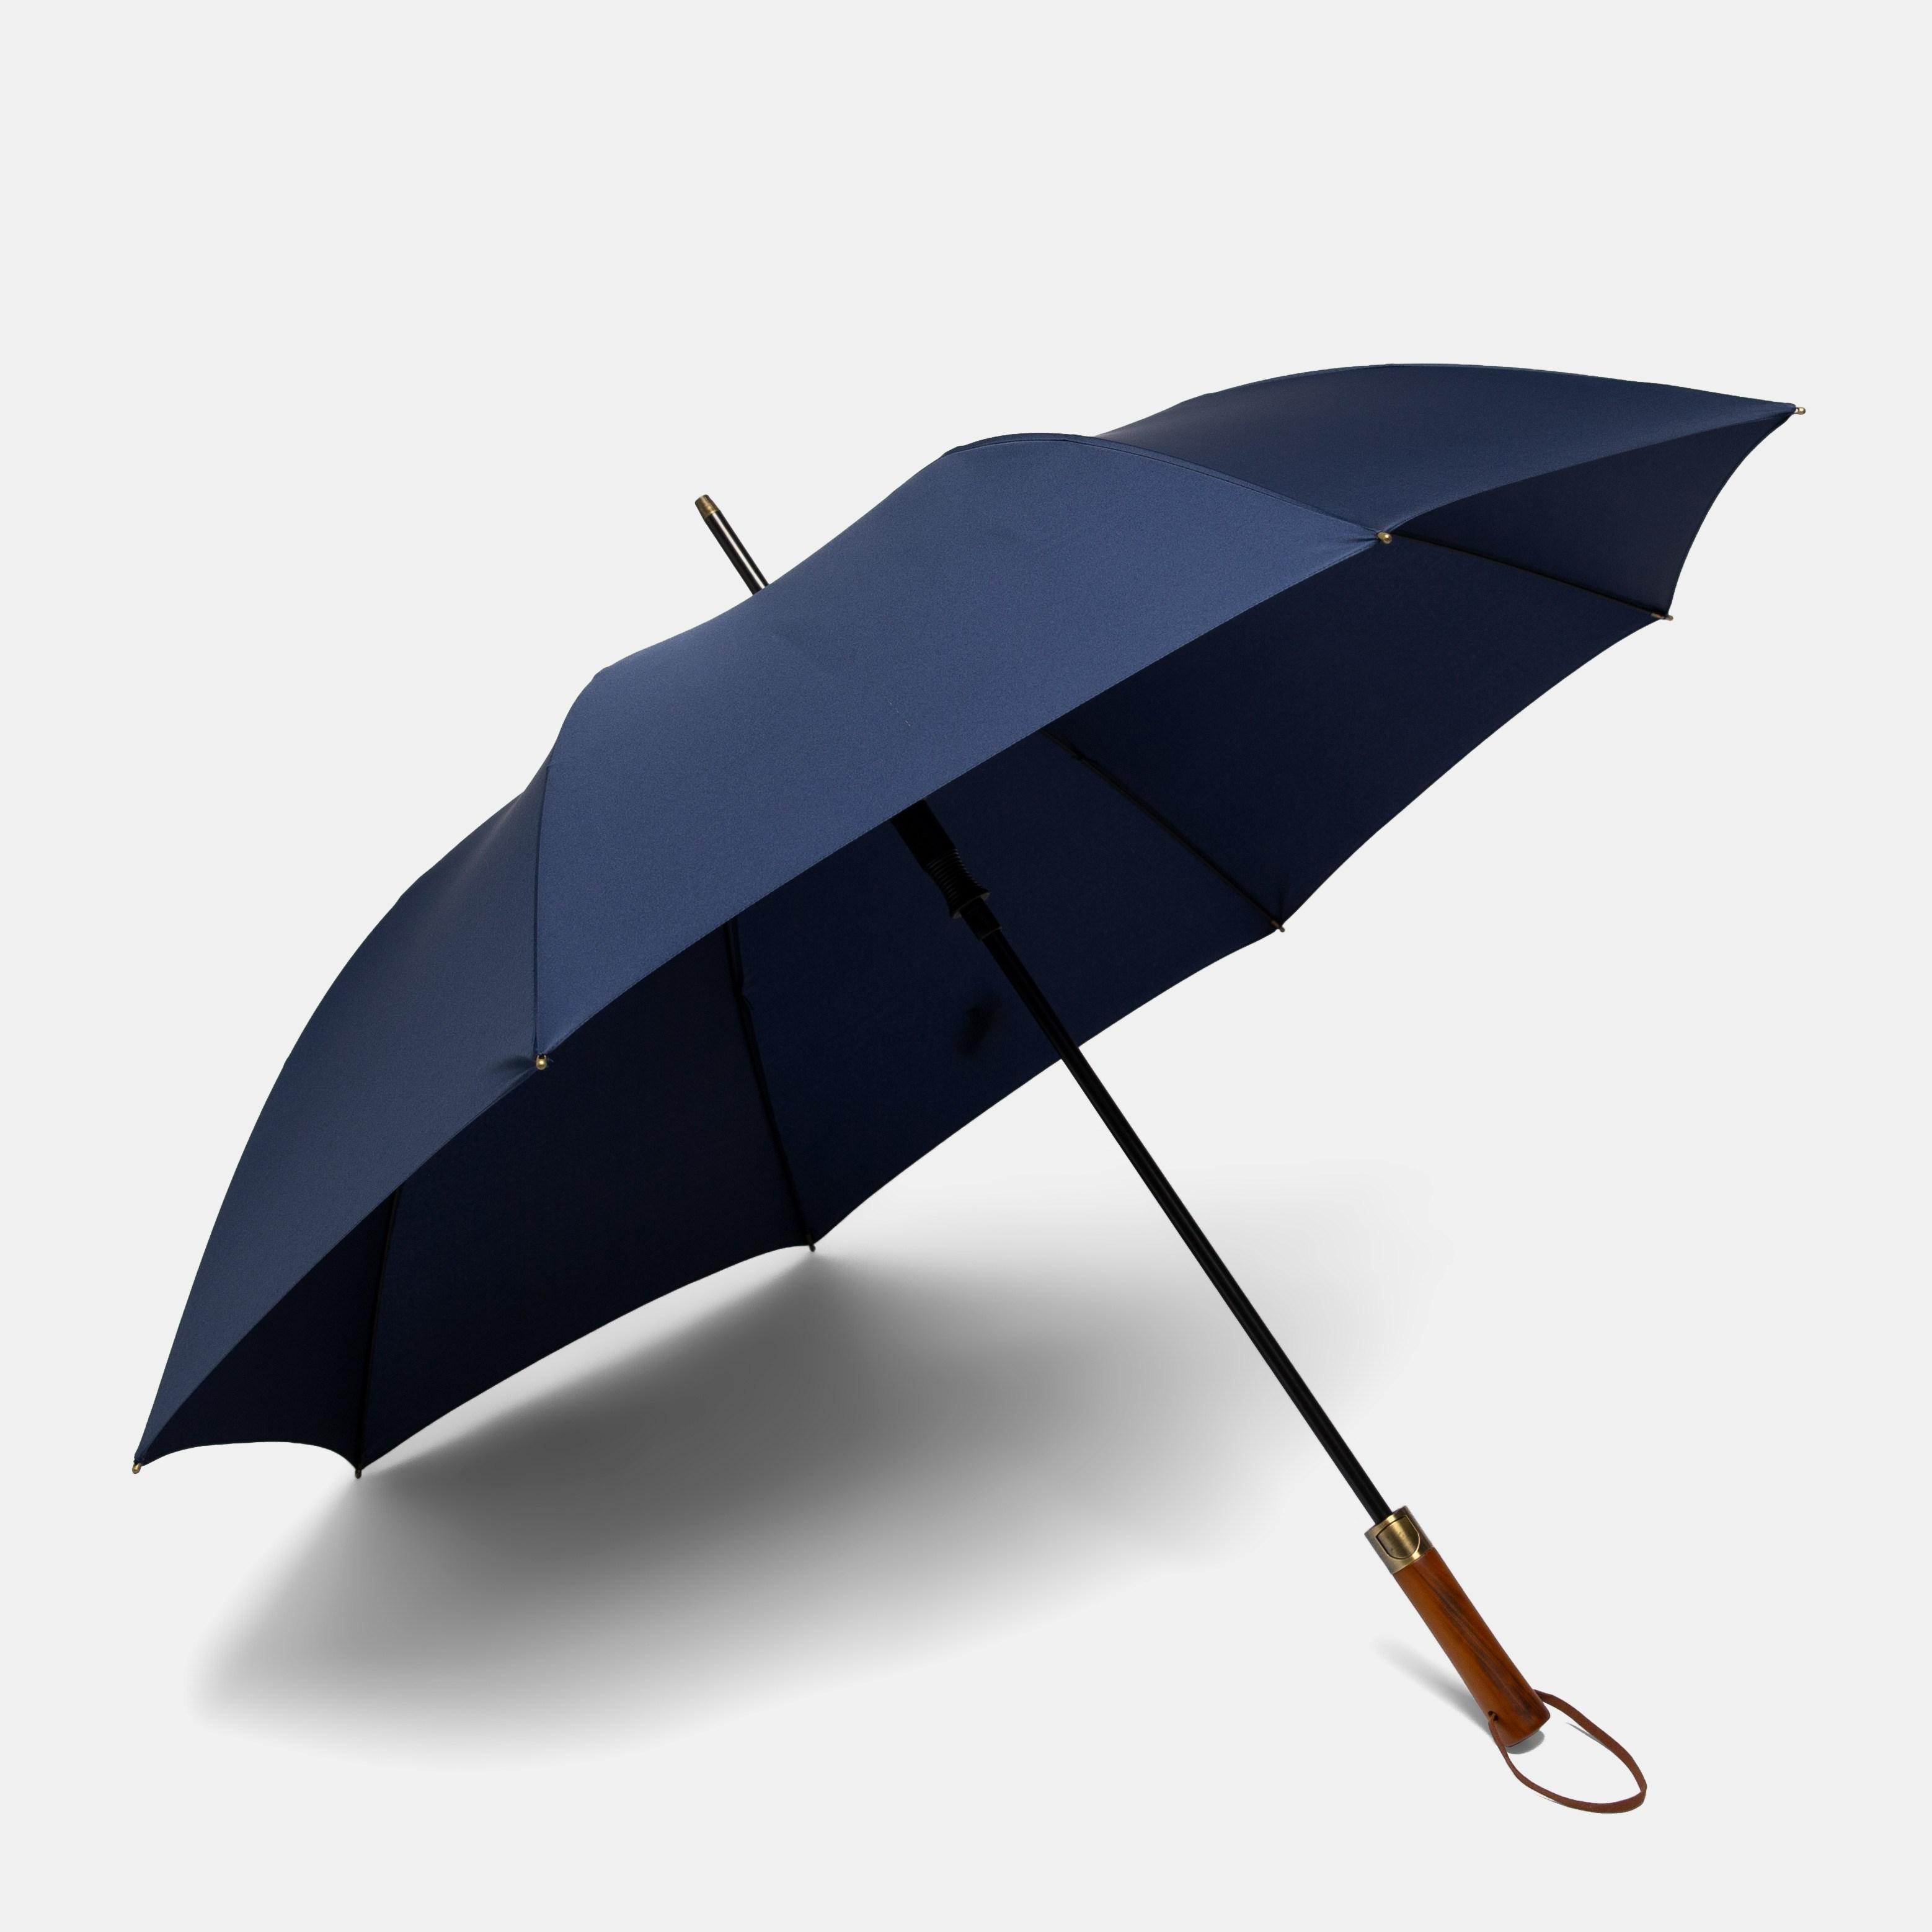 준성 JUNSUNG 일자 고급 원목 손잡이 대형 튼튼한 자동 장우산